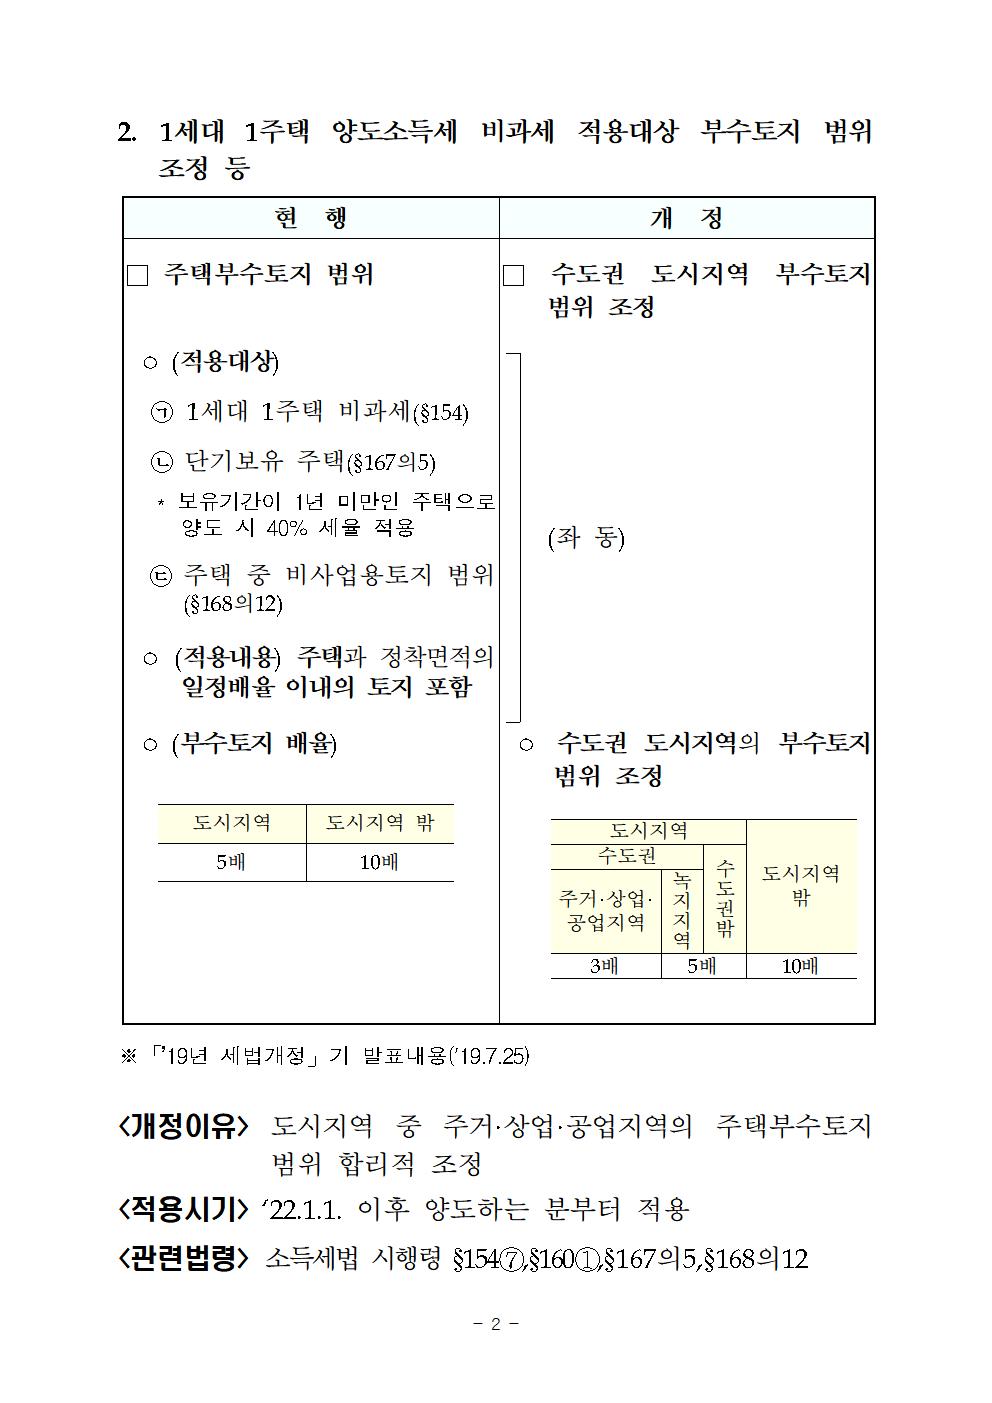 2019년세법개정내용(양도소득세분야)007.png